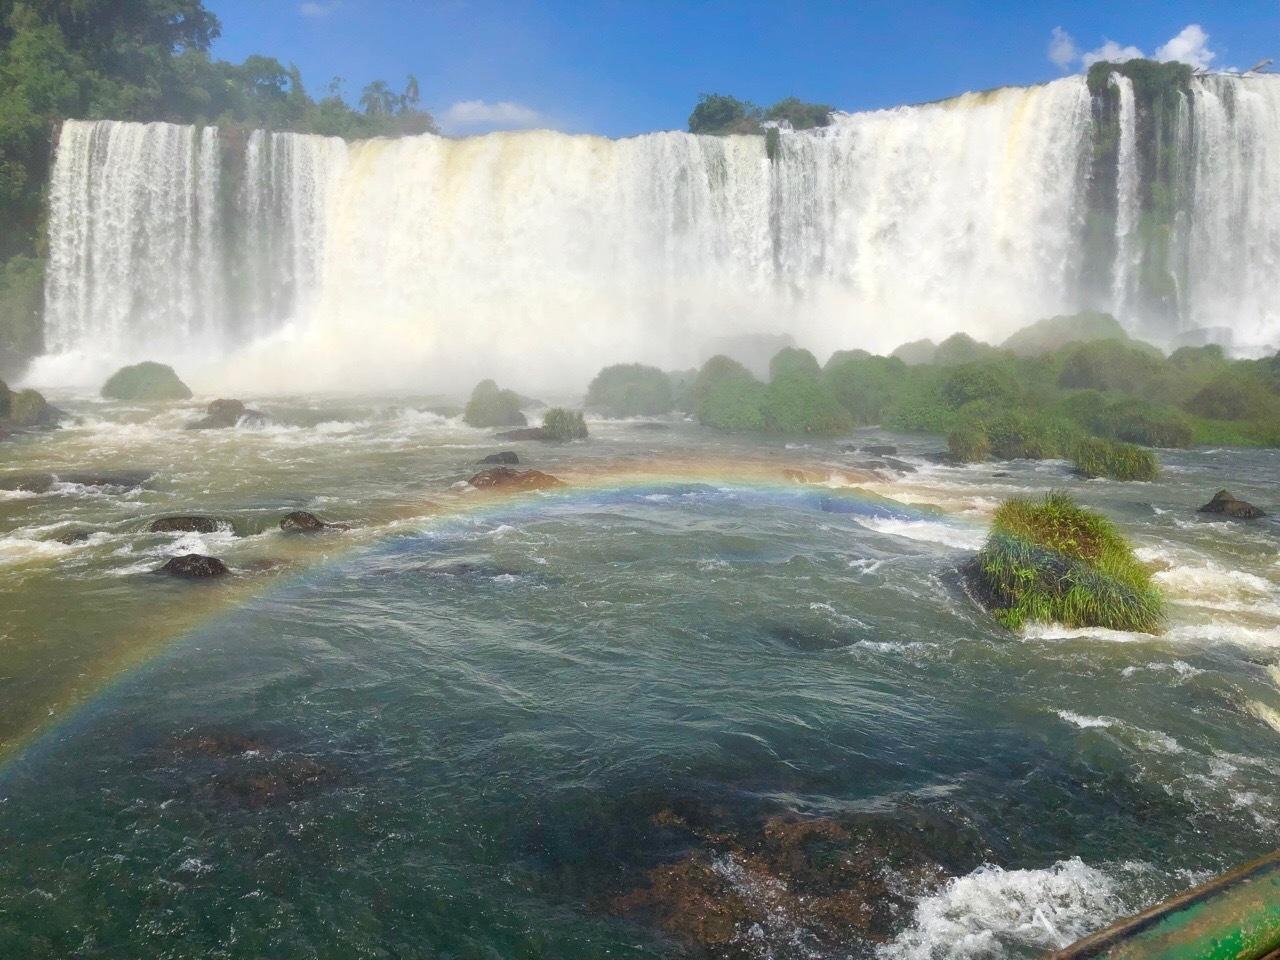 中南米の旅/59 フロリアーノ滝でびしょ濡れ!@イグアス_a0092659_19085154.jpg